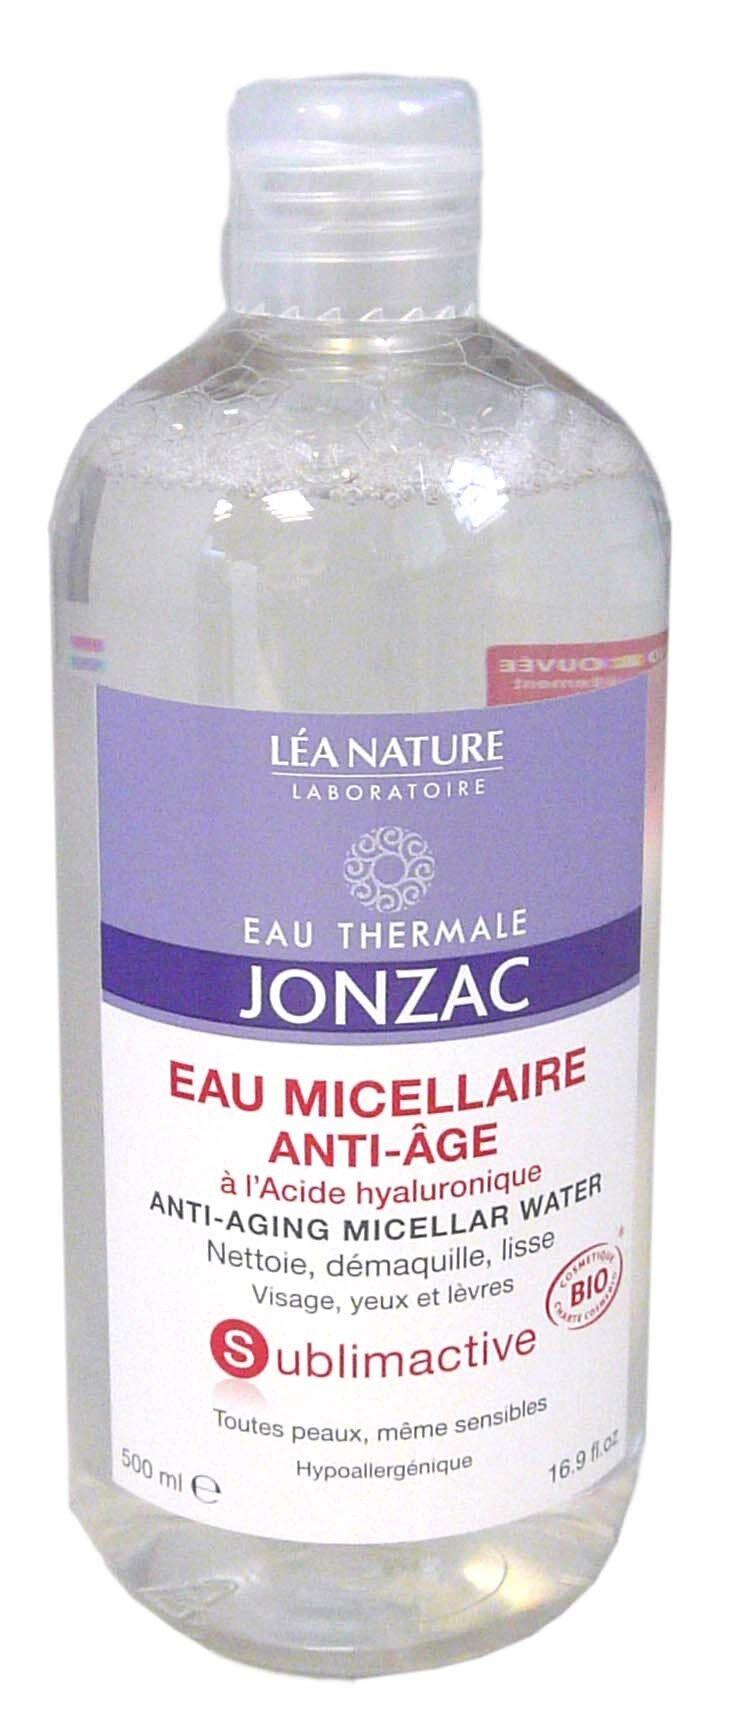 Jonzac eau micellaire anti age 500ml